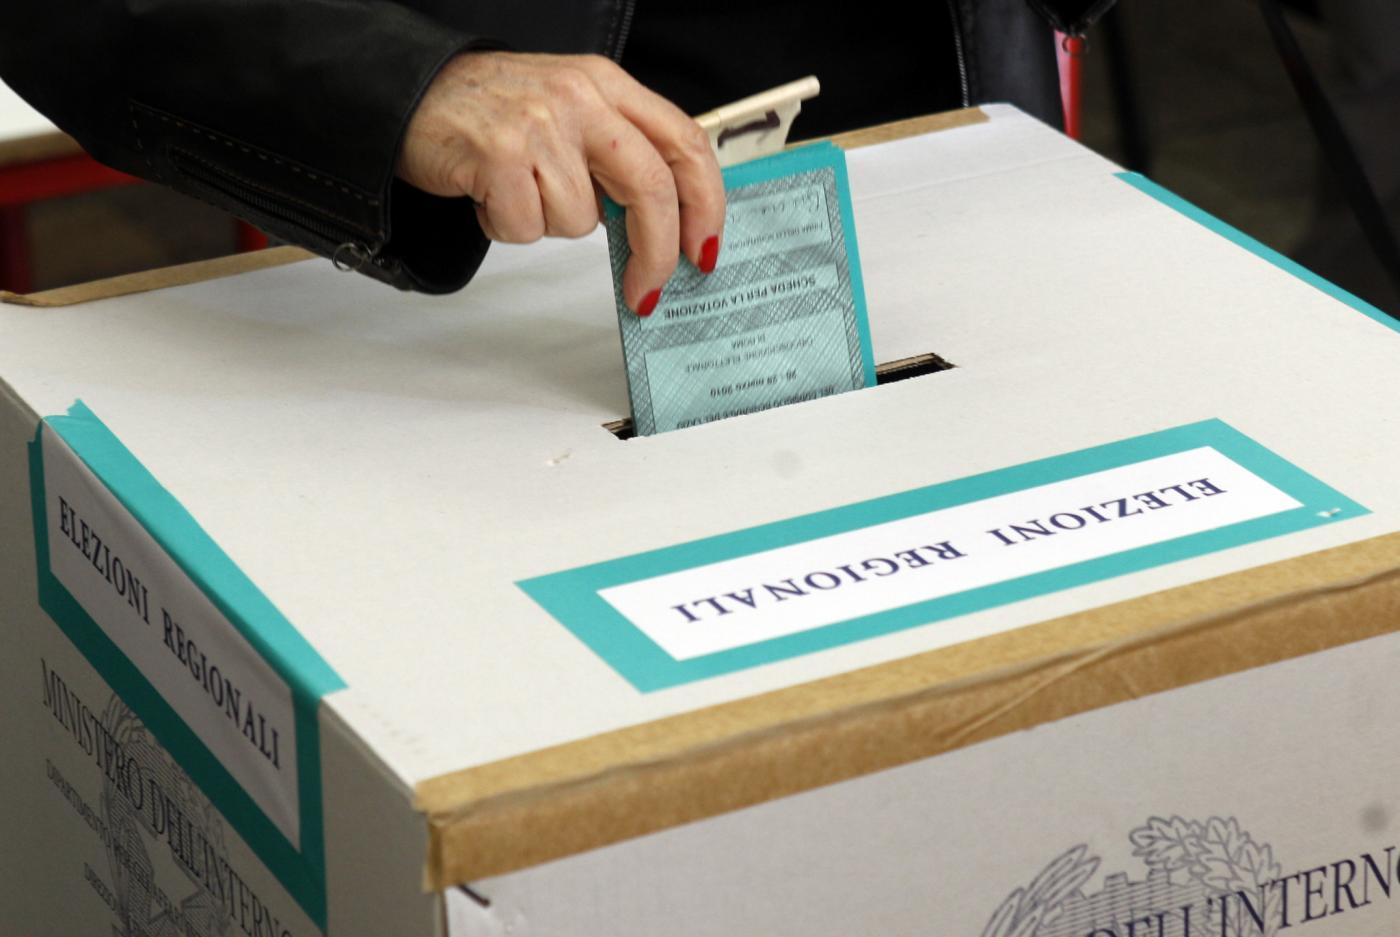 Risultati Elezioni Regionali in Emilia Romagna 2014: la diretta